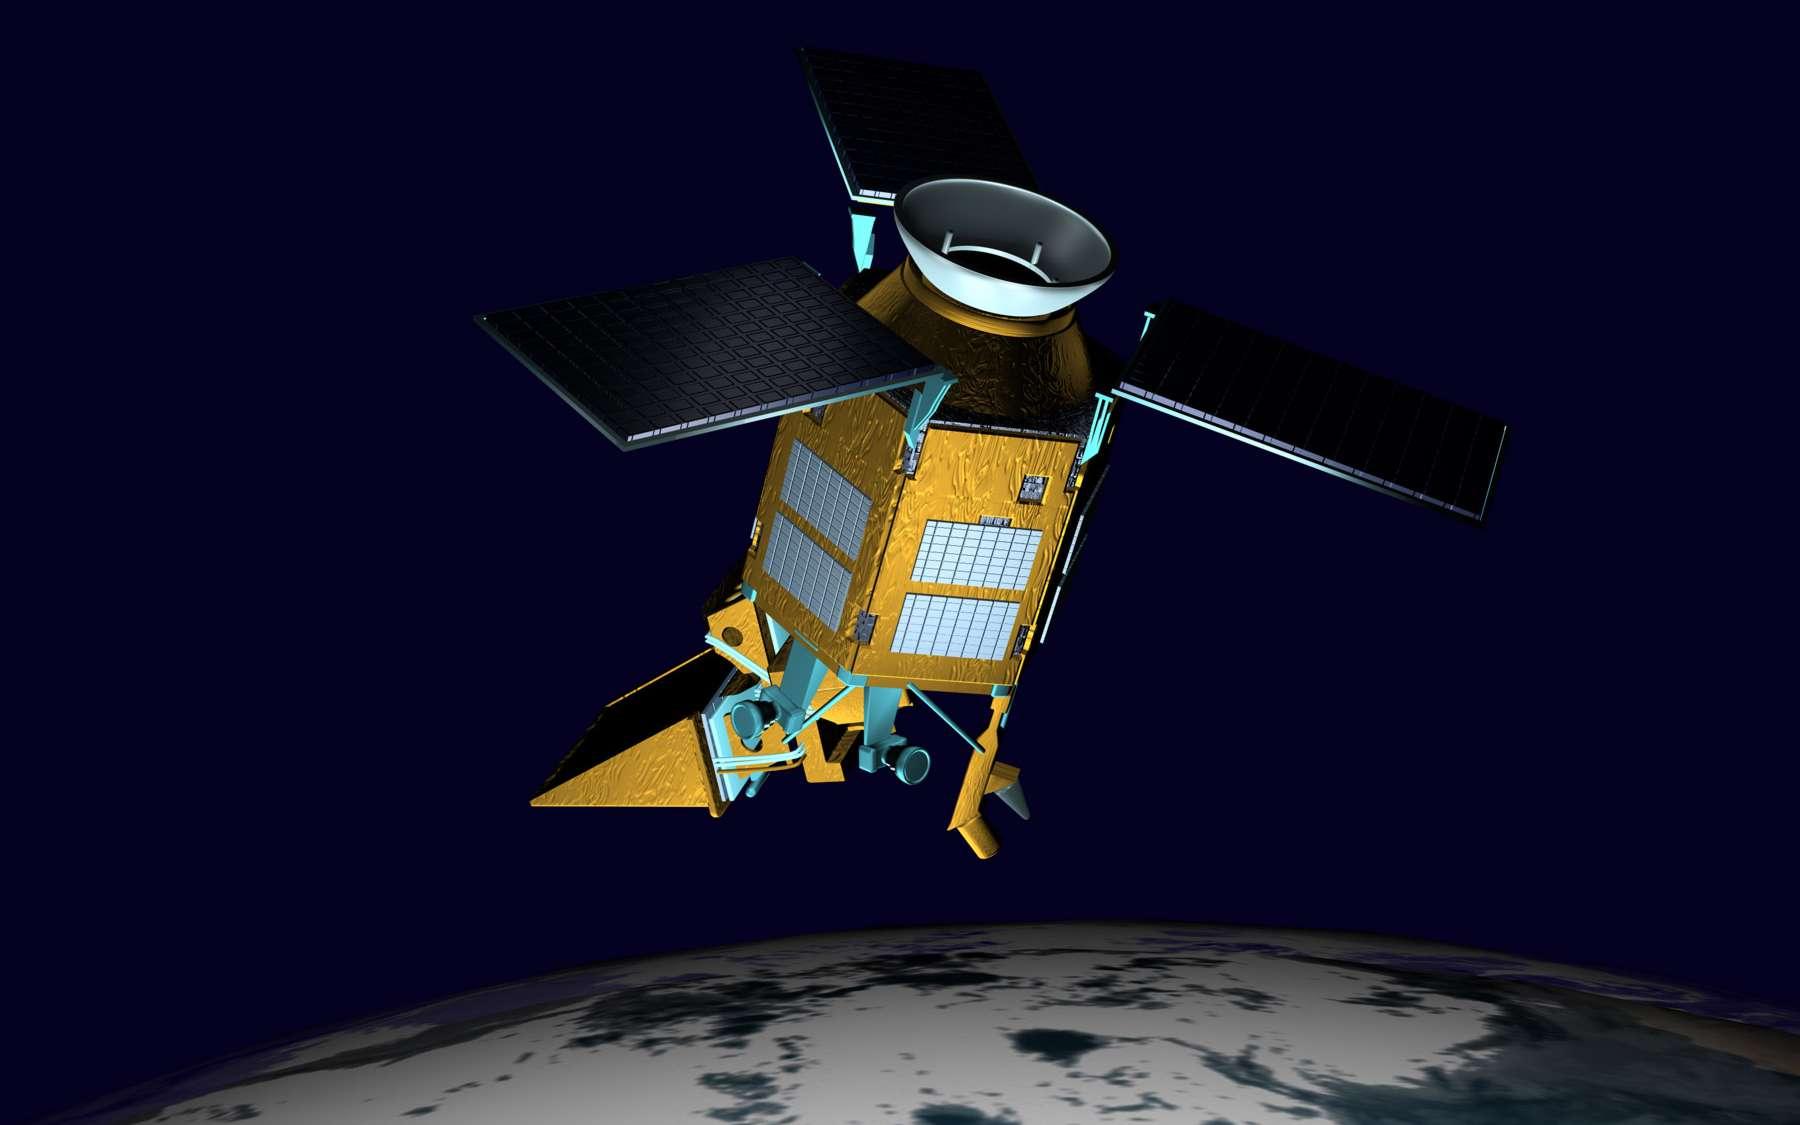 Sentinel 5 Precursor, avec son instrument Tropomi (TROPOspheric Monitoring Instrument), mesurera de nombreux paramètres de l'atmosphère terrestre pour aider les scientifiques à mieux prédire son évolution future et à fournir de meilleures prévisions météorologiques. © Airbus